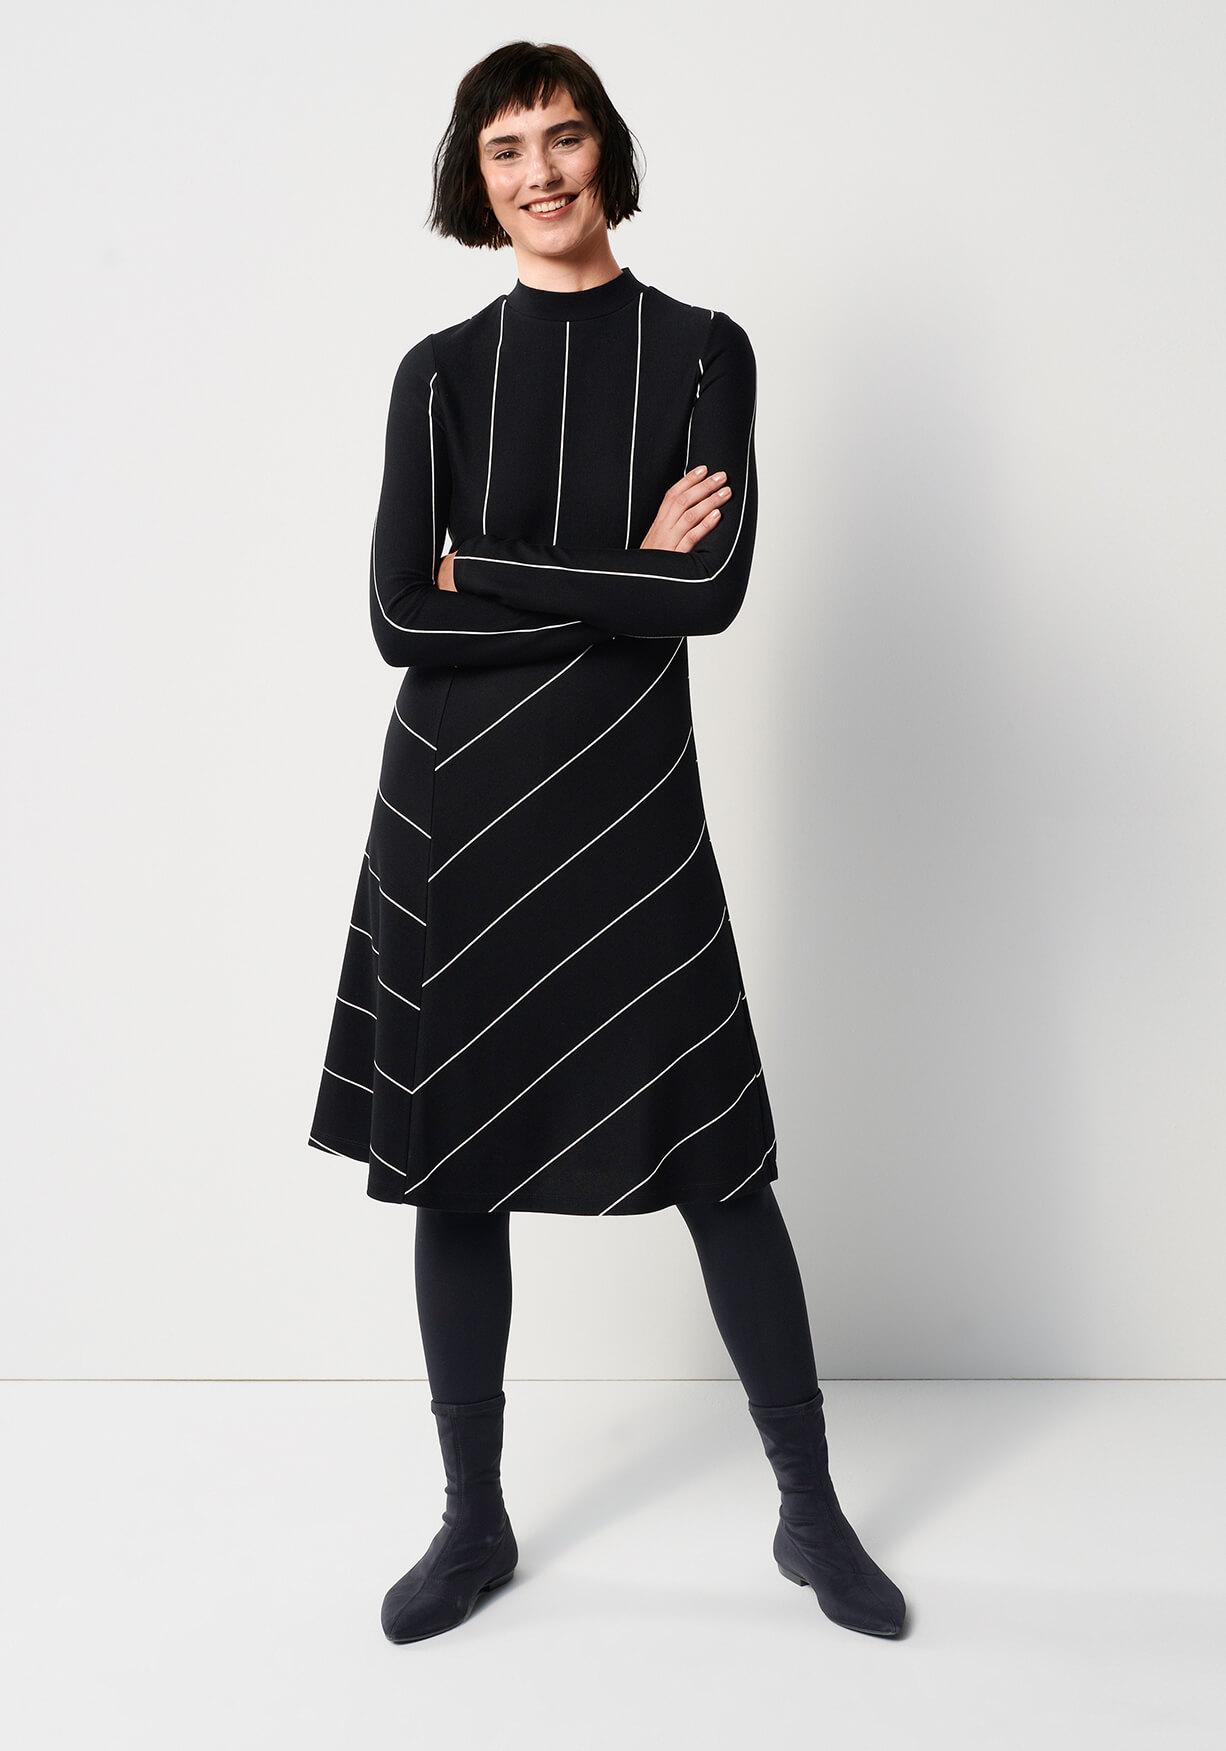 Feminines Streifen Kleid